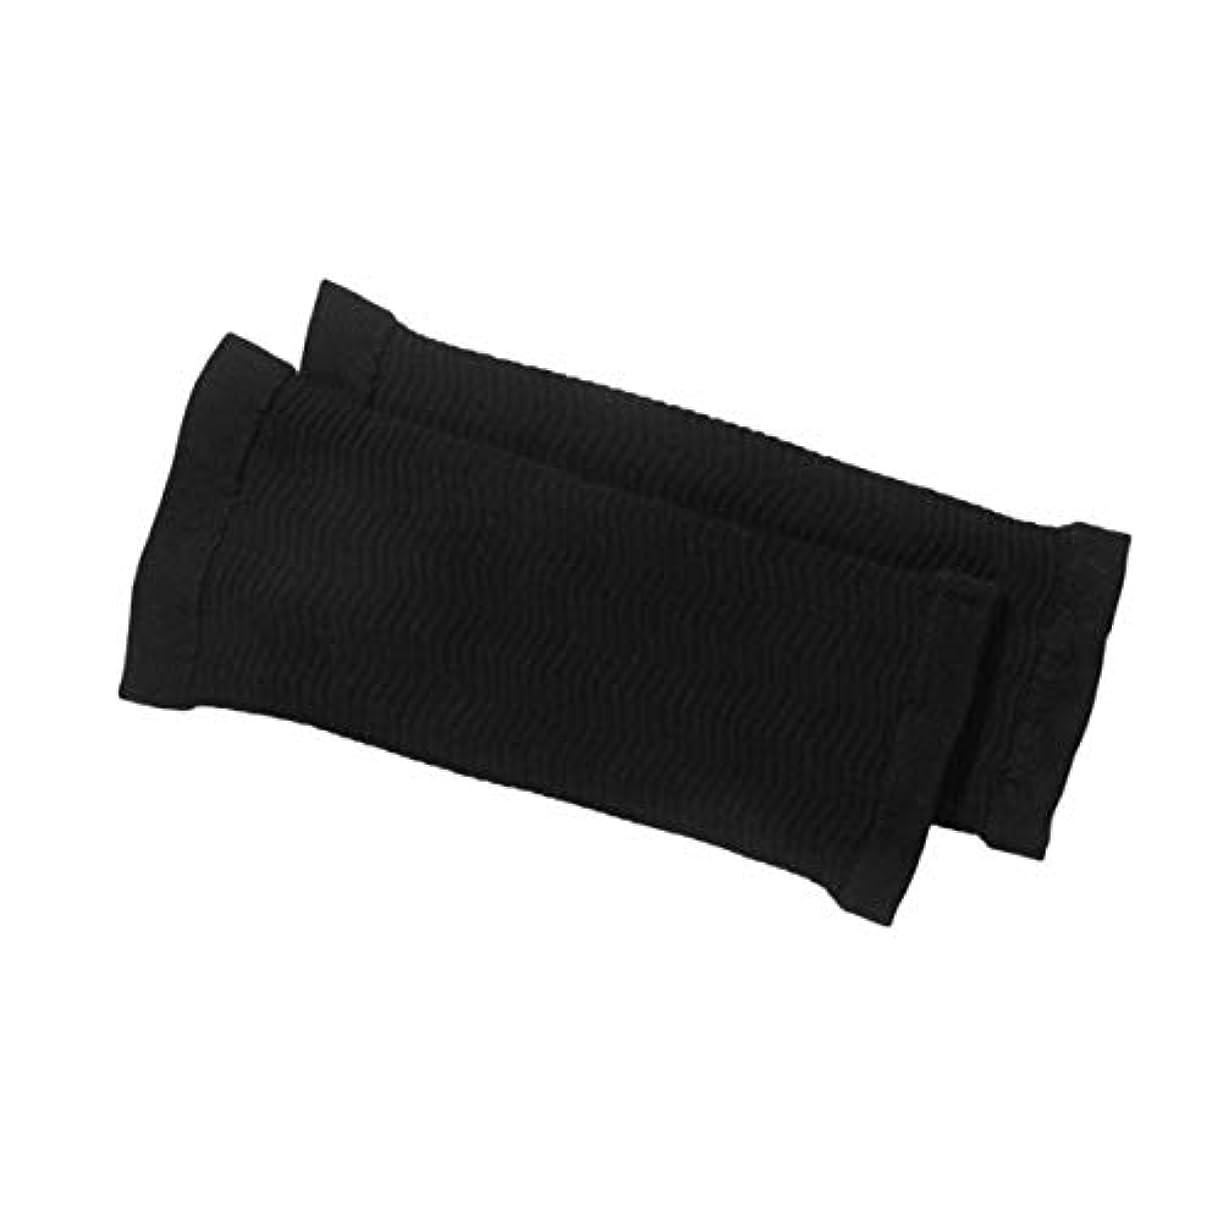 コーチ接辞窓を洗う1ペア420 D圧縮痩身アームスリーブワークアウトトーニングバーンセルライトシェイパー脂肪燃焼袖用女性 - 黒